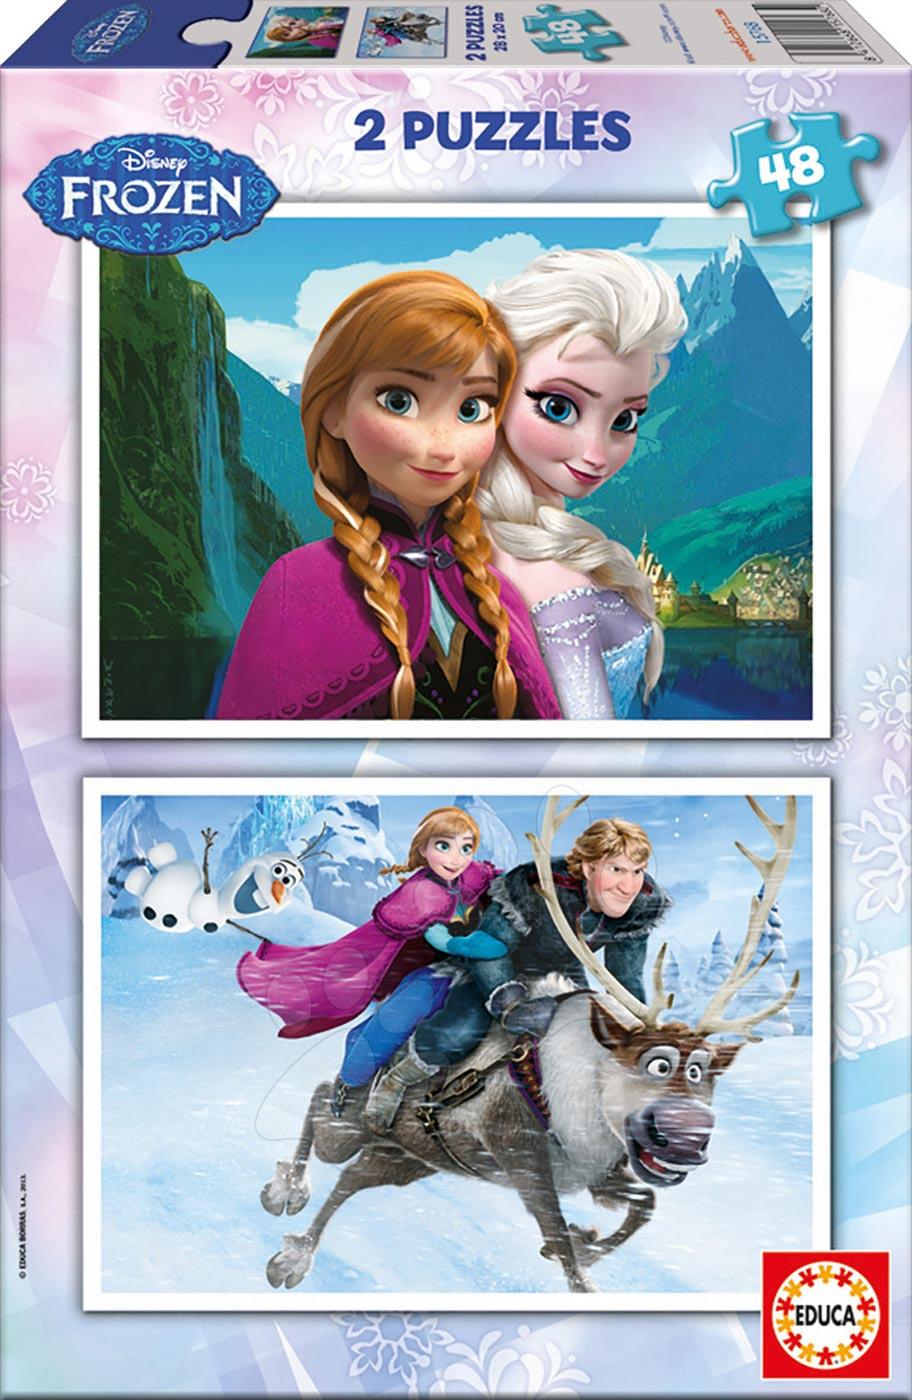 Detské puzzle do 100 dielov - Puzzle Disney Frozen - Ľadové kráľovstvo Educa 2x48 dielov